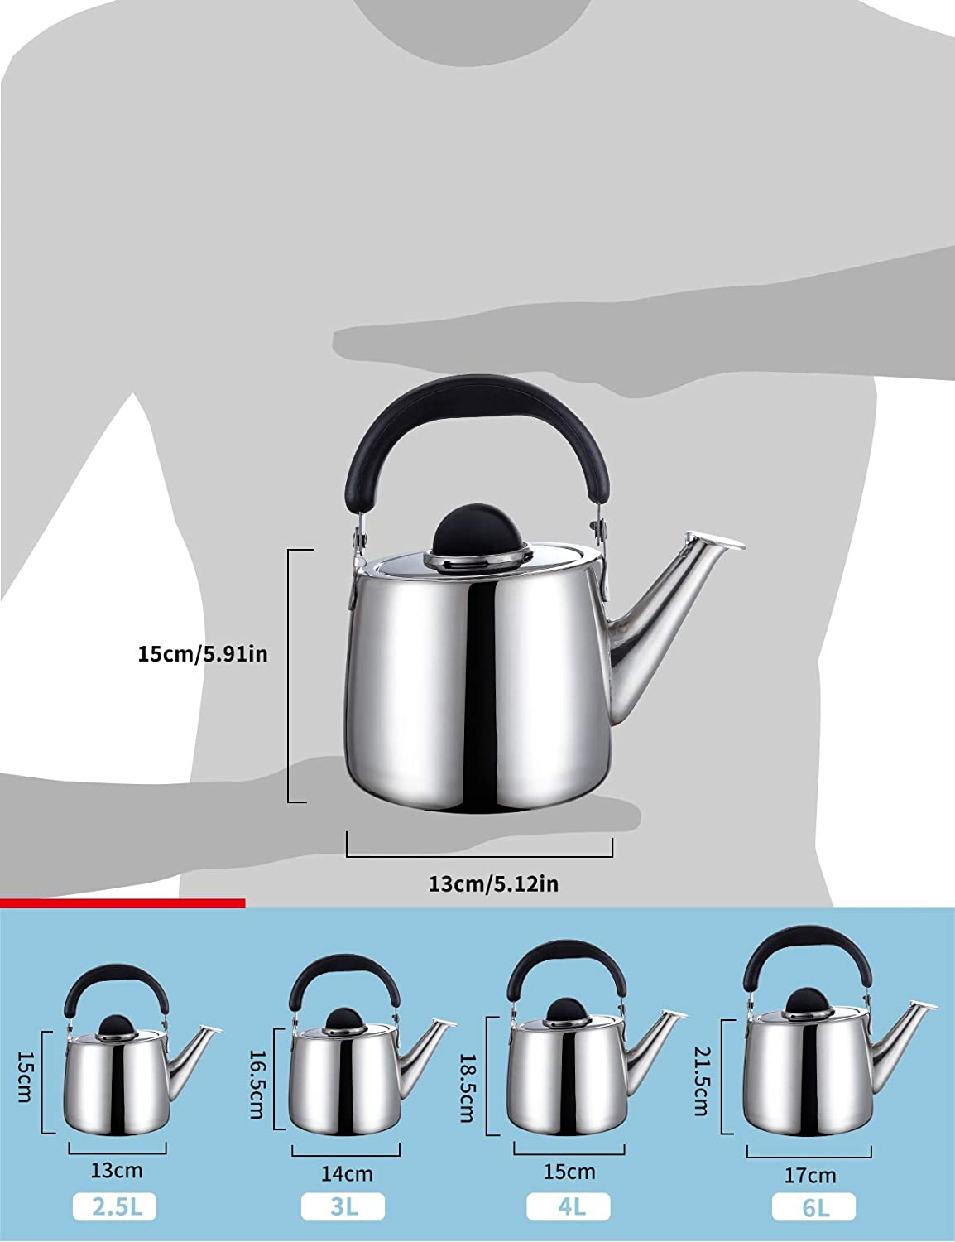 鎌倉陶器 笛ふきケットル 2.5Lの商品画像6